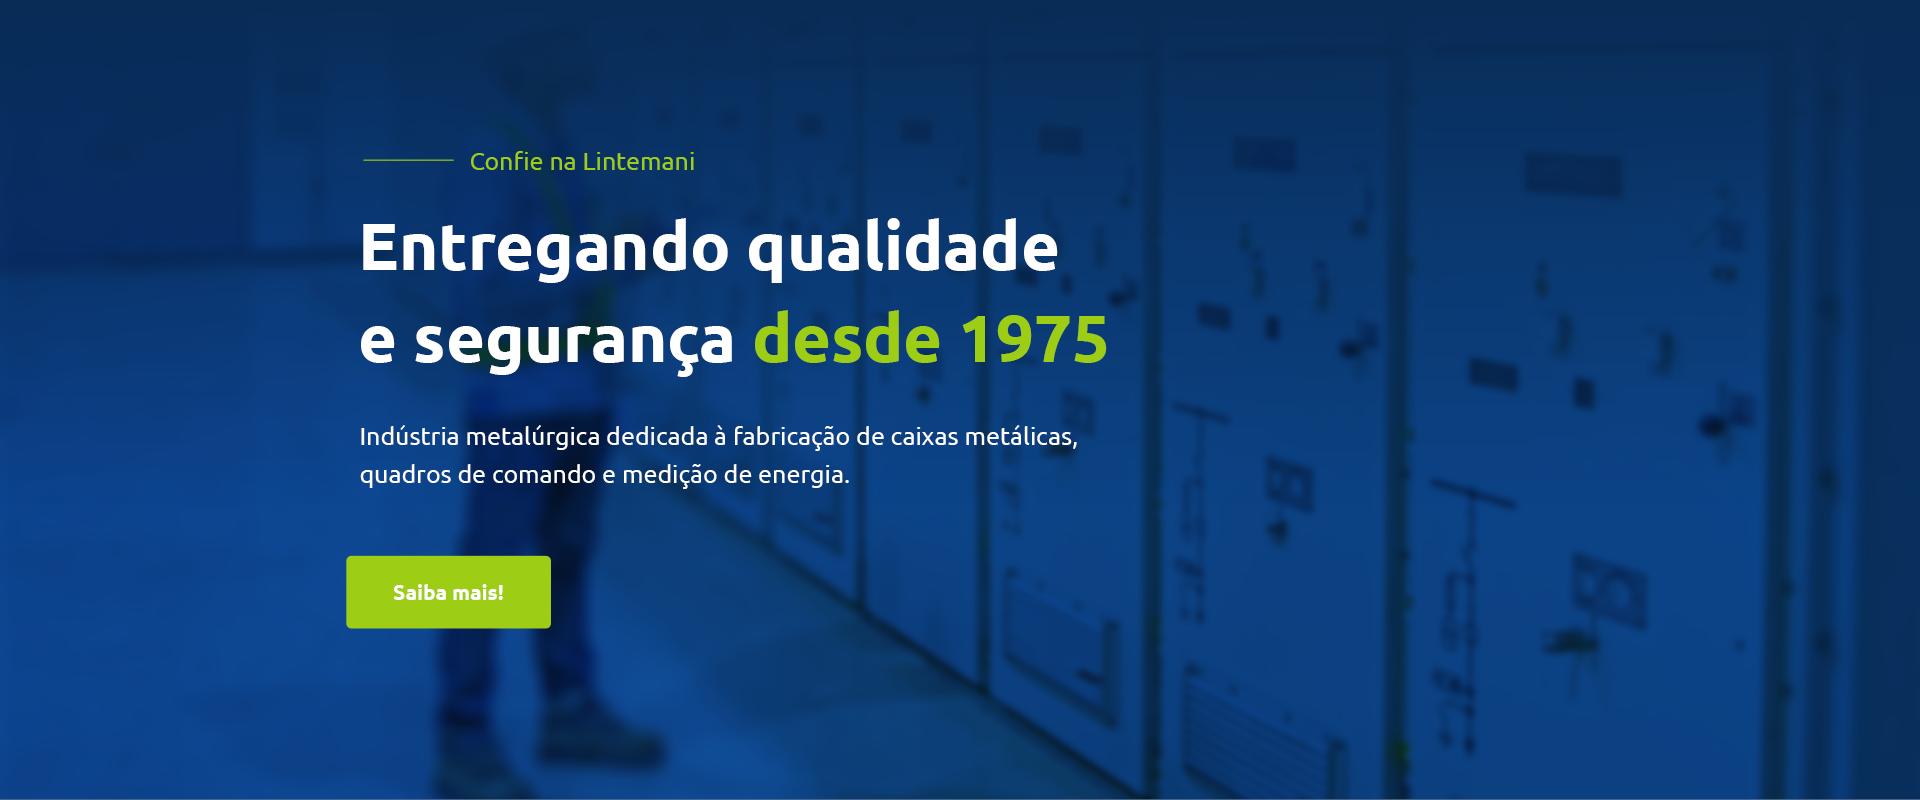 Lintemani Eletro Metalúrgica – Quadro de Comando, Caixas de Medição e Centro de Distribuição